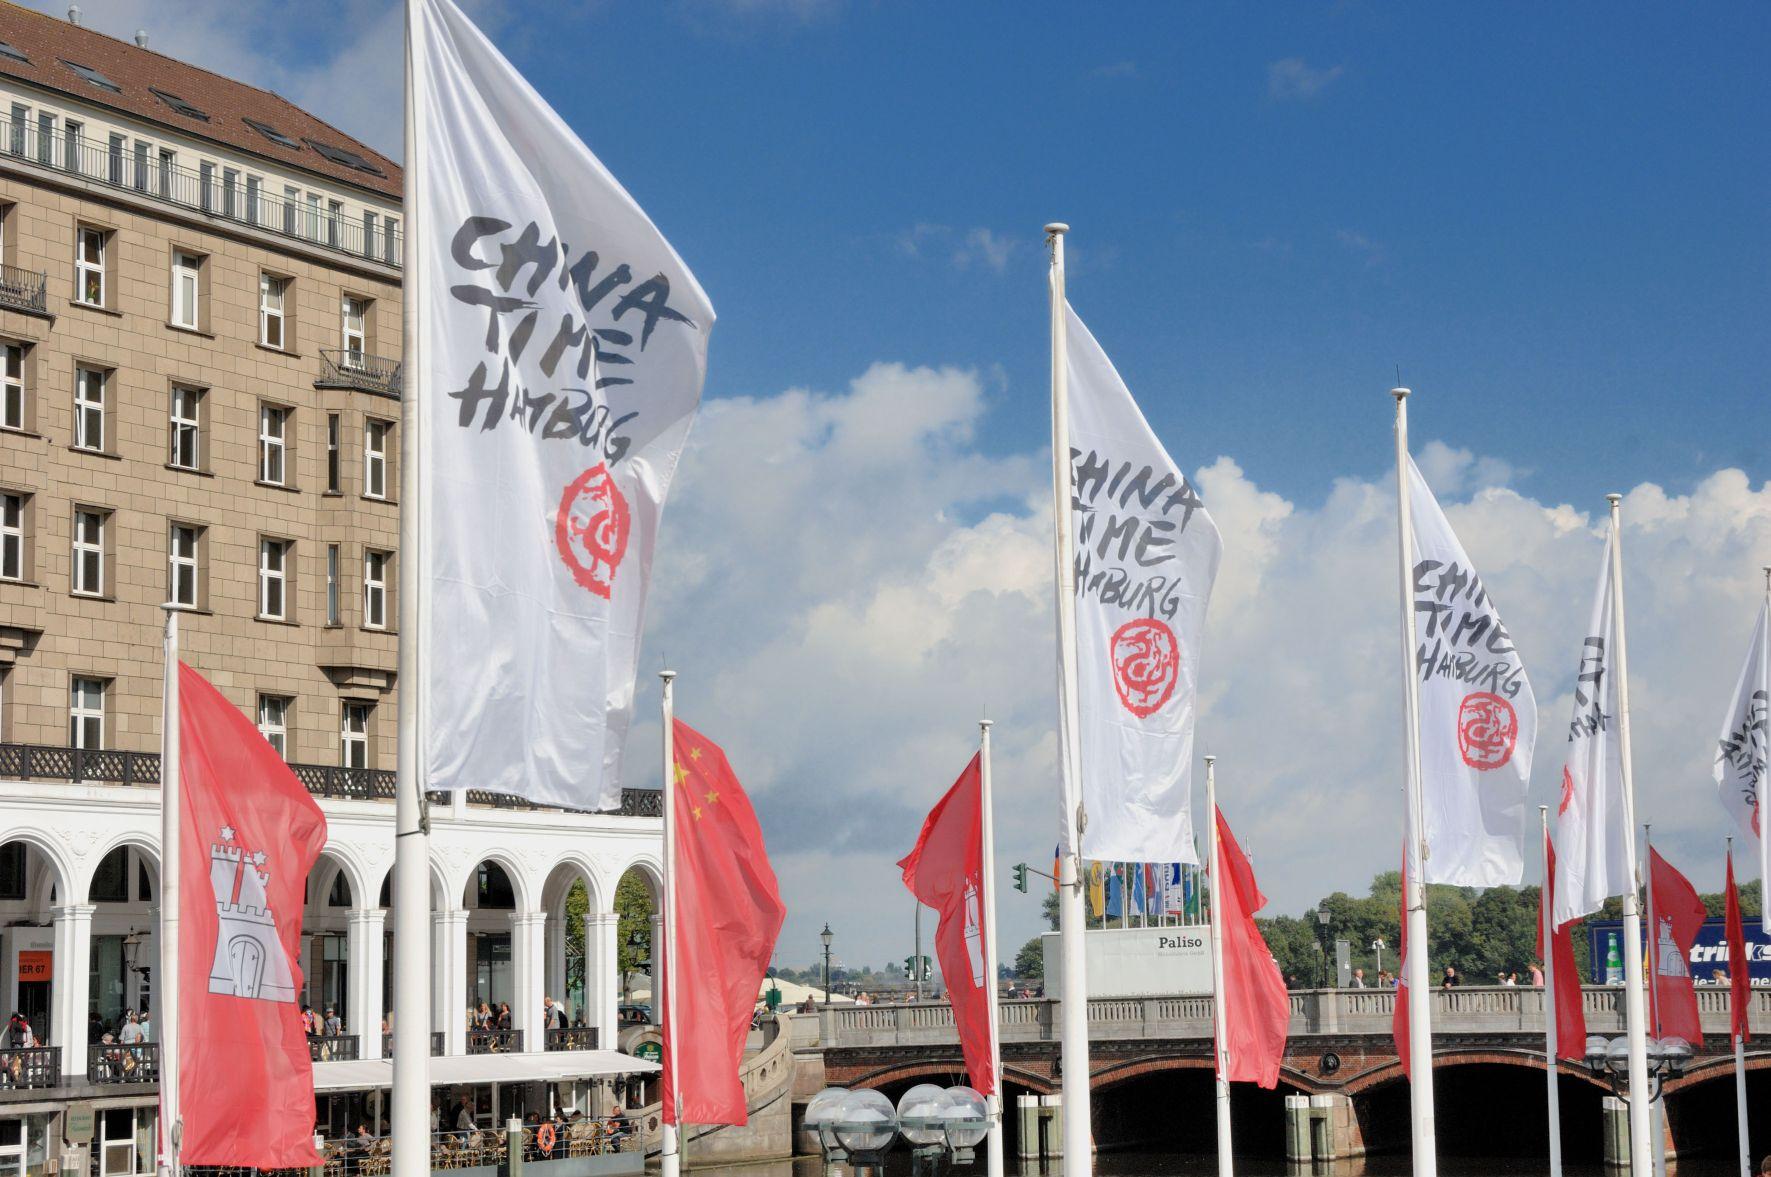 Hamburg: Senatskanzlei bestreitet Zensur-Vorwurf bei China Time